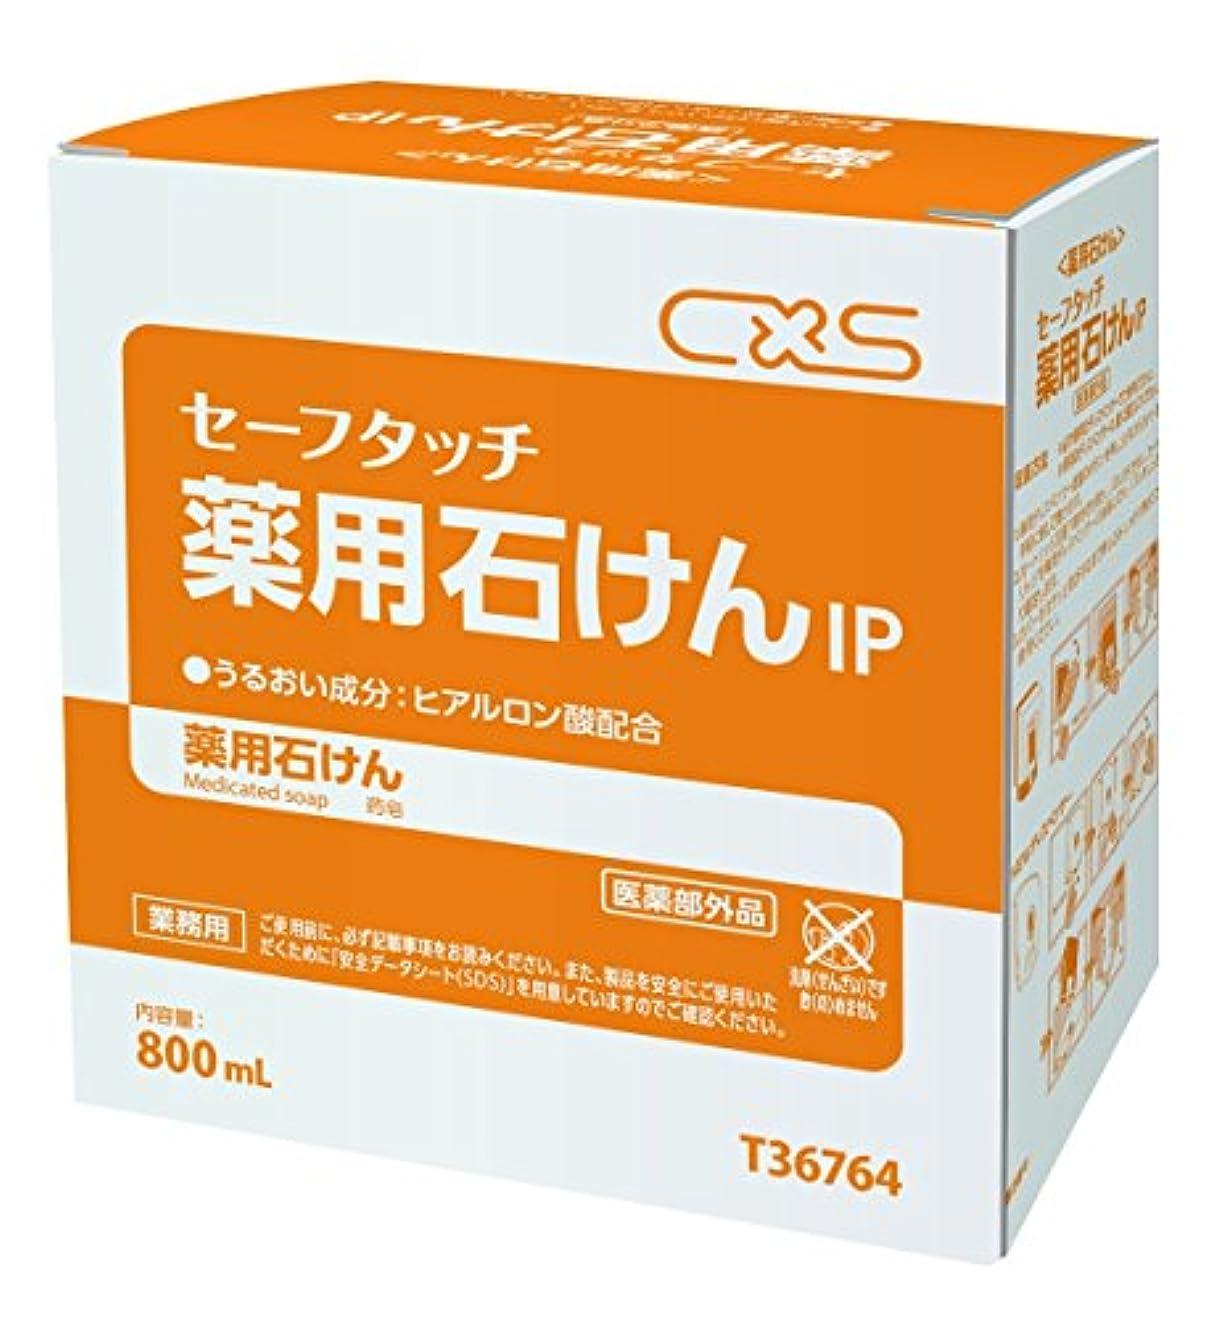 関与する脈拍パプアニューギニアセーフタッチ 薬用石けんIP 6箱セット